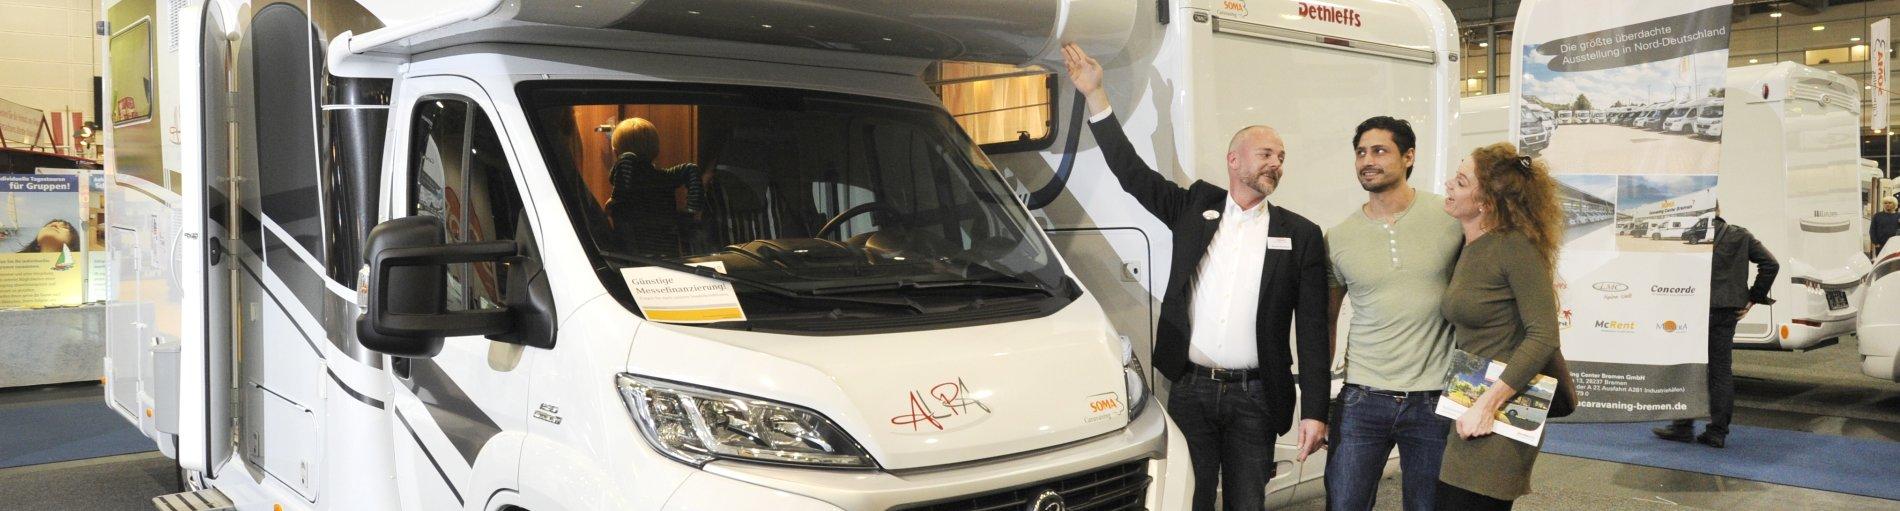 Ein Aussteller präsentiert einem Pärchen einen Caravan